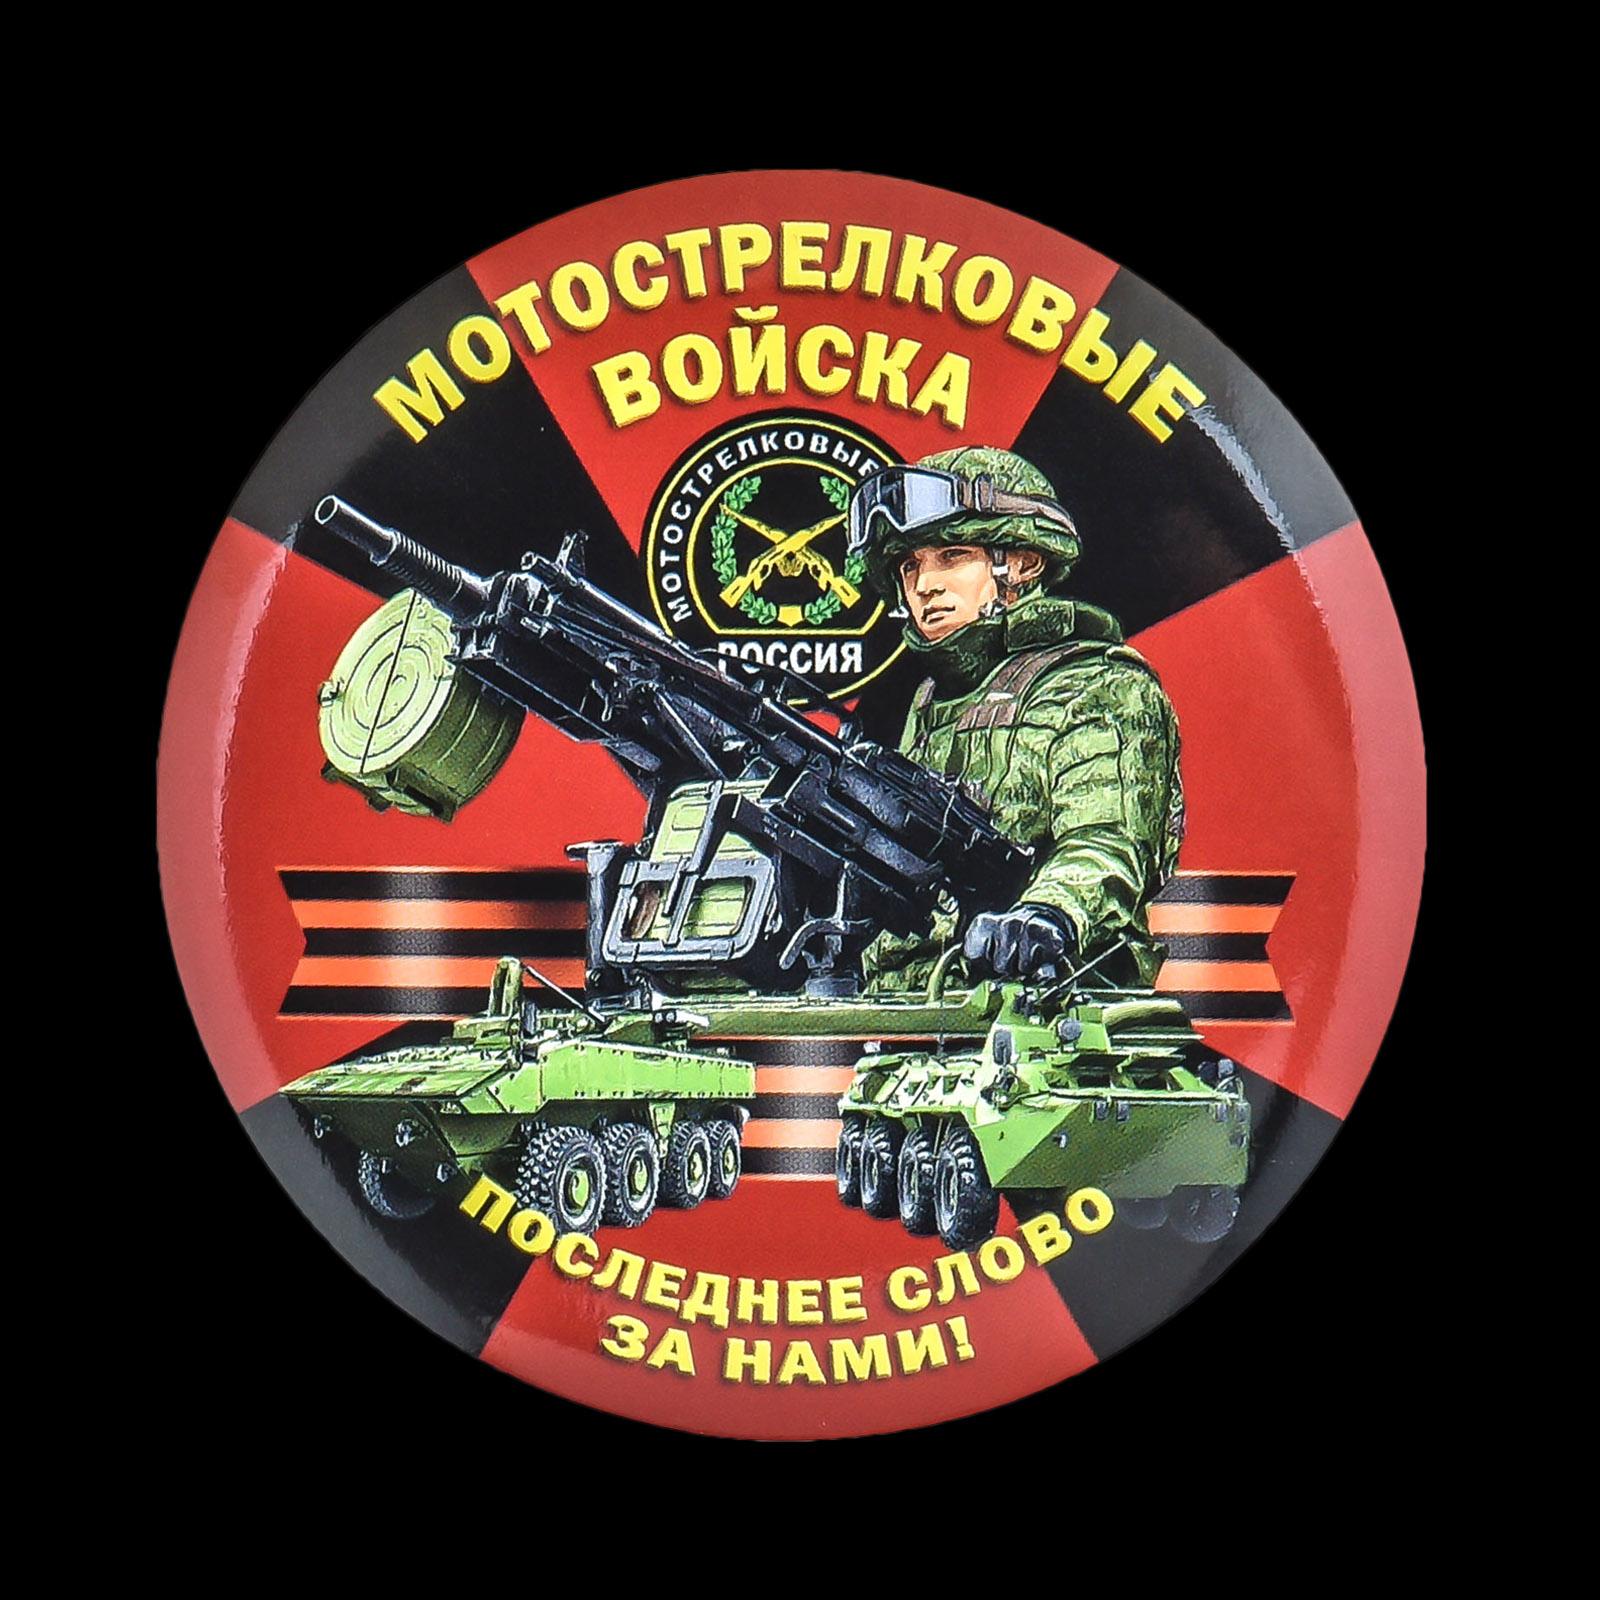 Сувенирный значок Мотострелковые войска